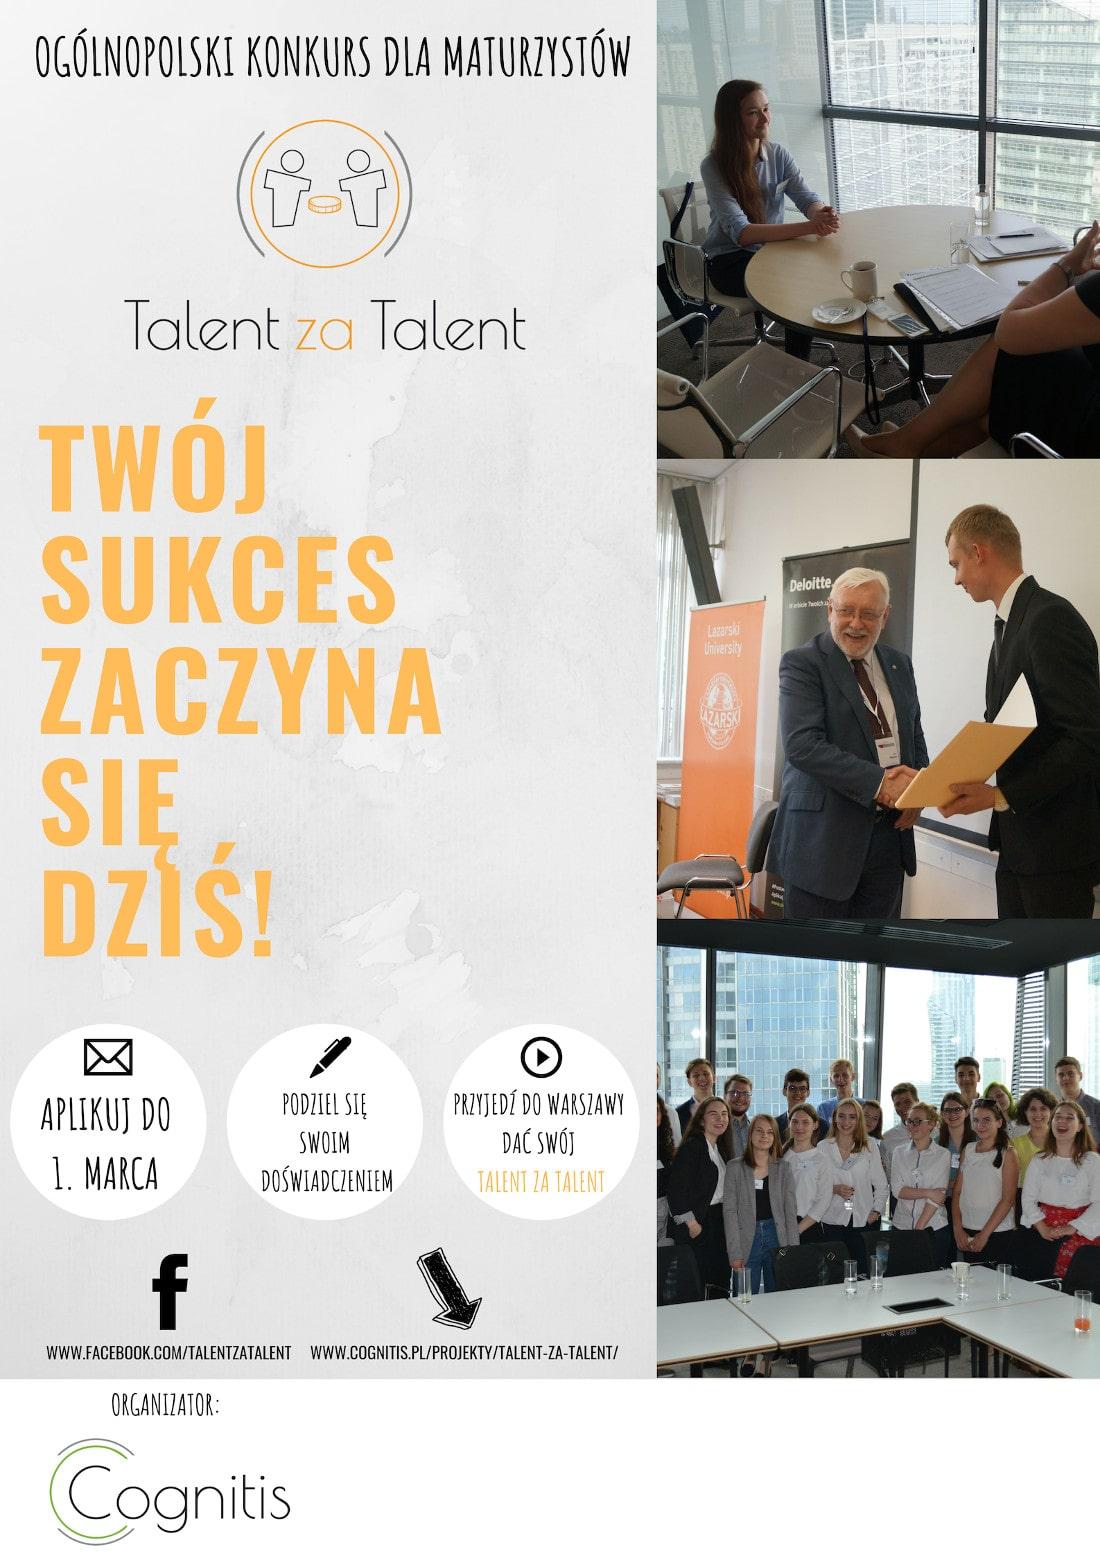 Sprawdź, z jakich etapów składa się konkurs Talent za Talent!